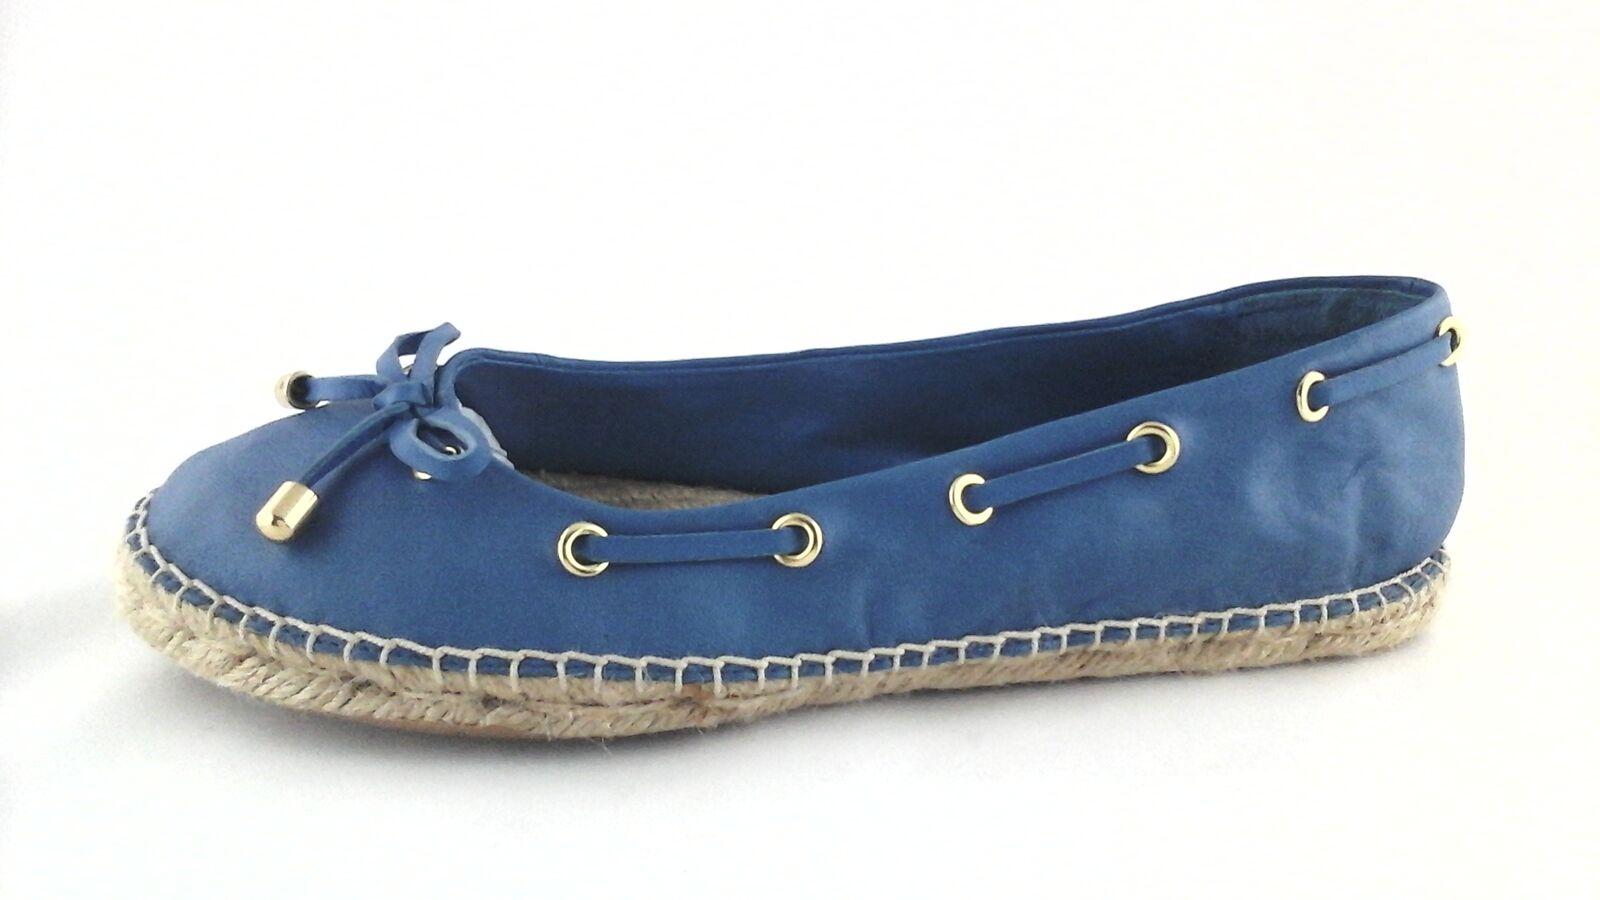 RALPH LAUREN LRL Espadrilles Blue Ballet Flats Pelle Shoes   9.5 EU 39.5  110